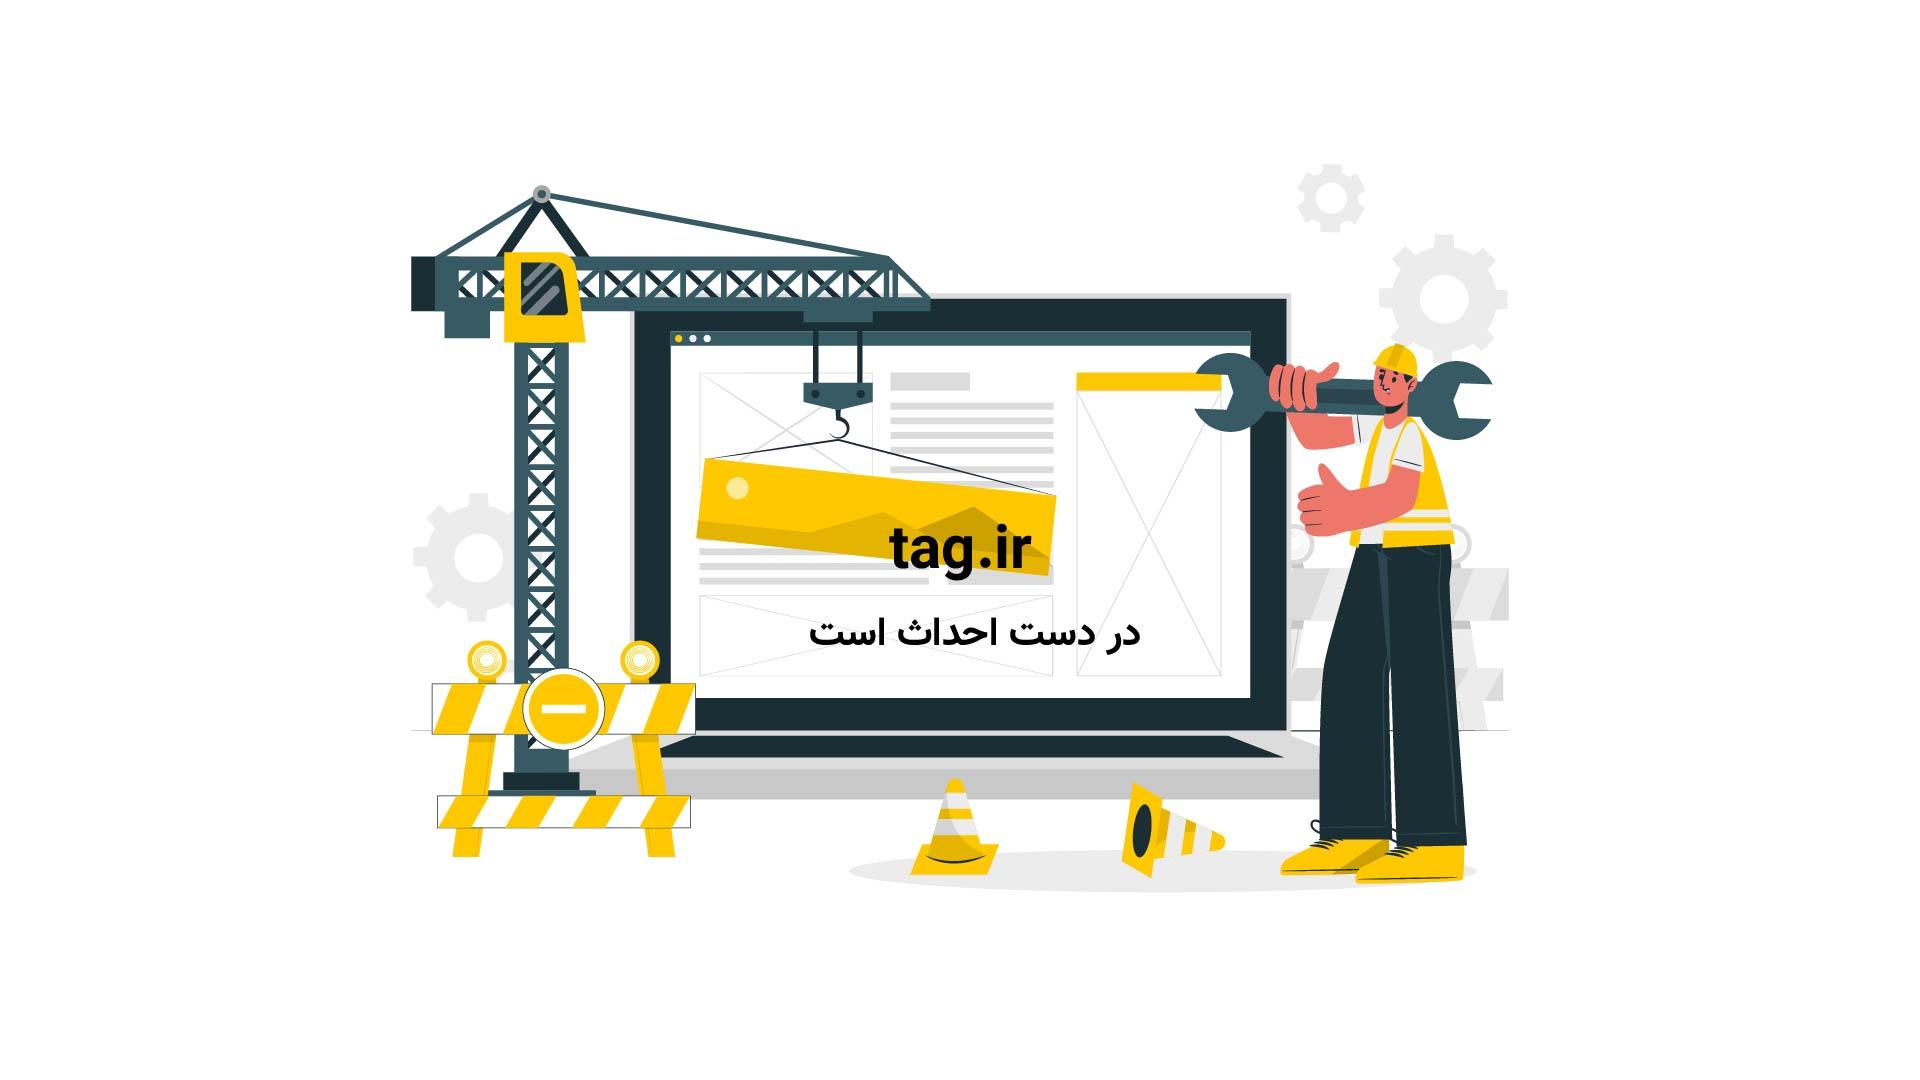 خودرویی عجیب که در تصادف راننده را پرت و خودش پارک می کند | فیلم